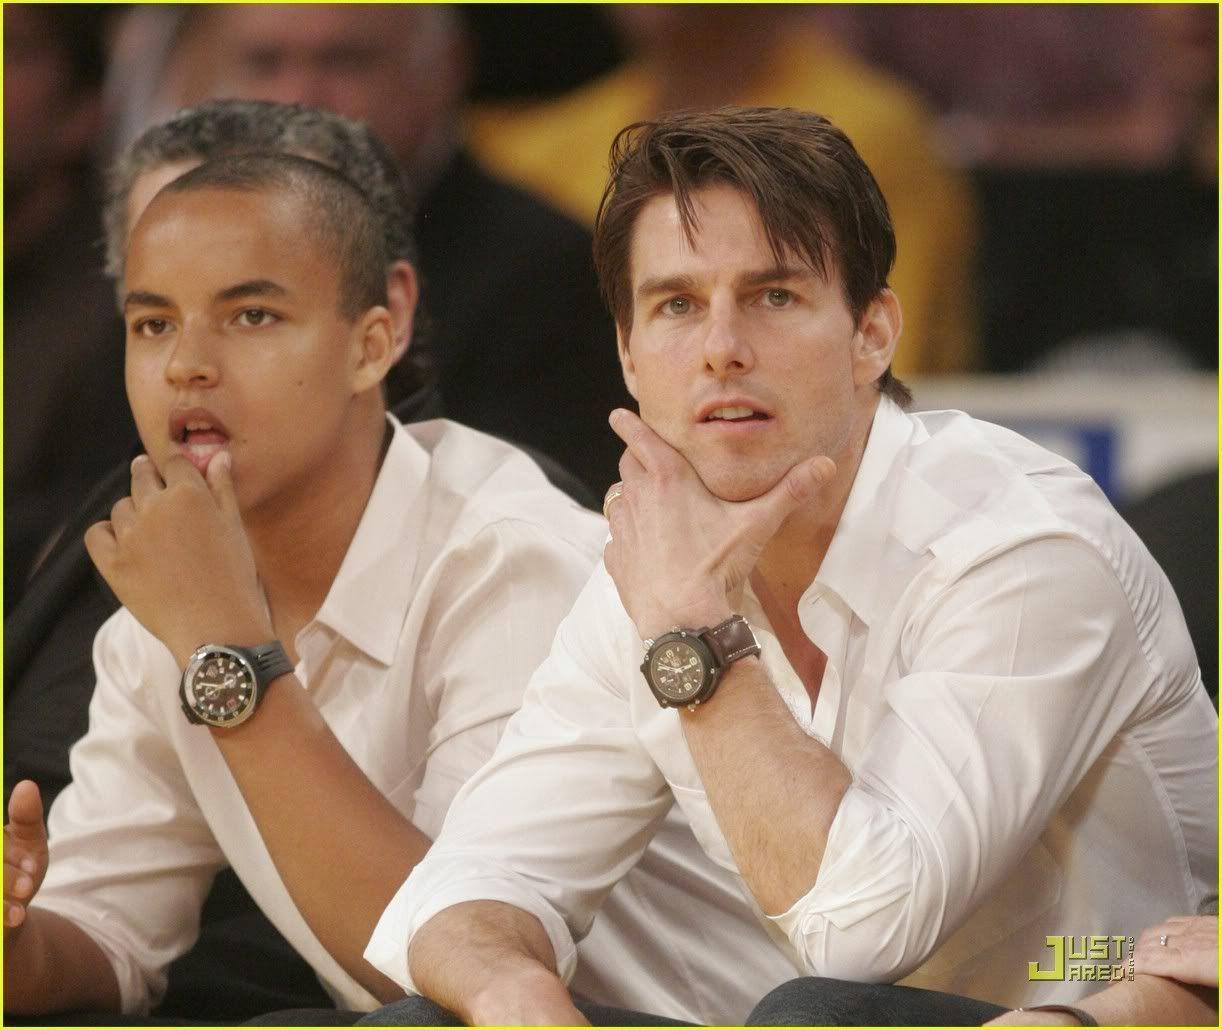 Que relógio está a celebridade a usar? Tom-at-LA-Lakers-game-tom-cruise-4